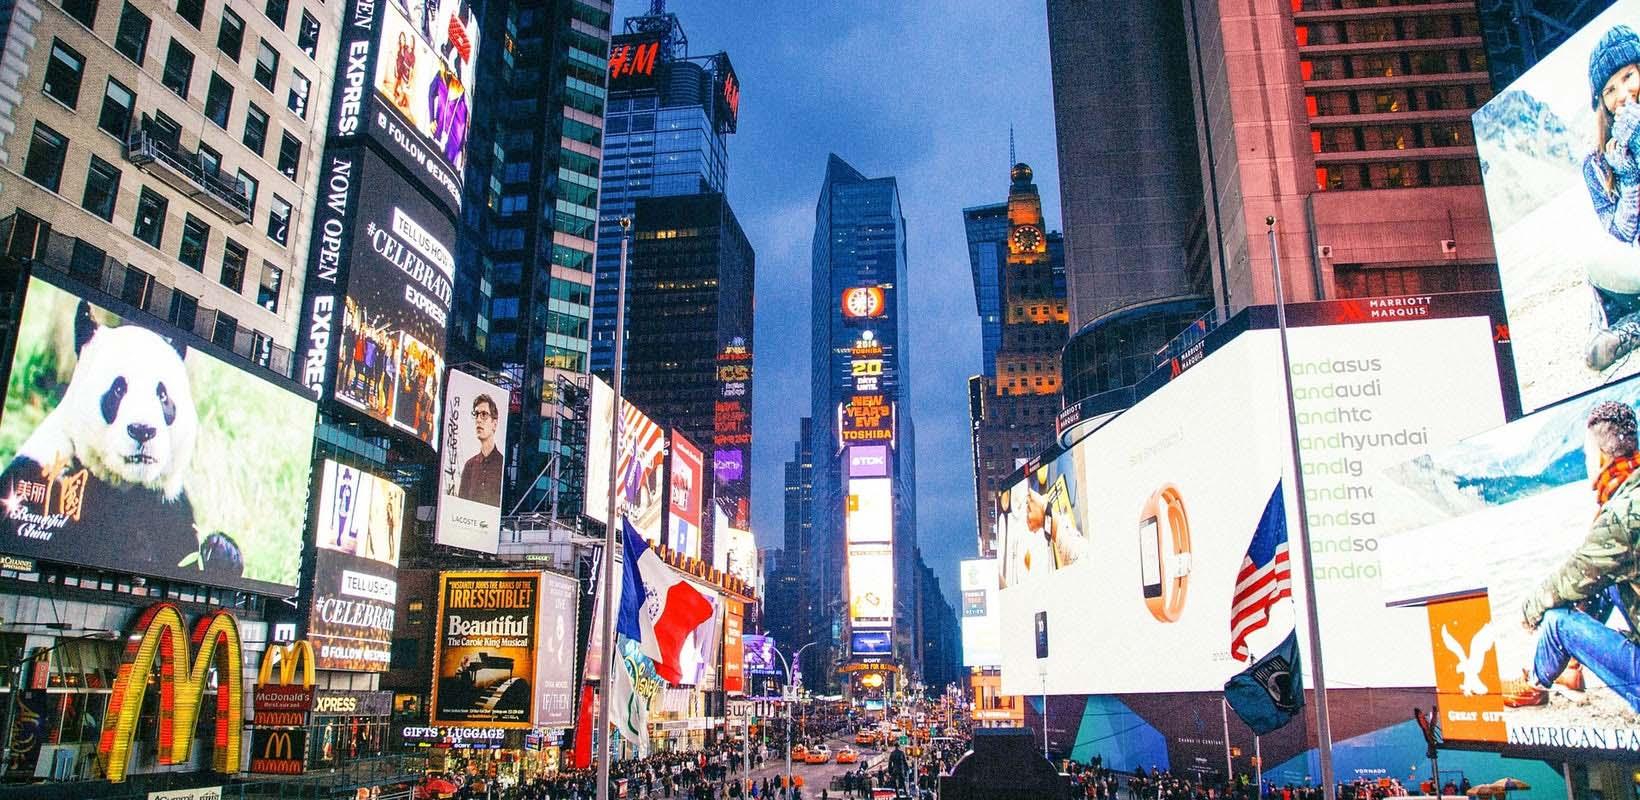 NYC Midtown walking tour